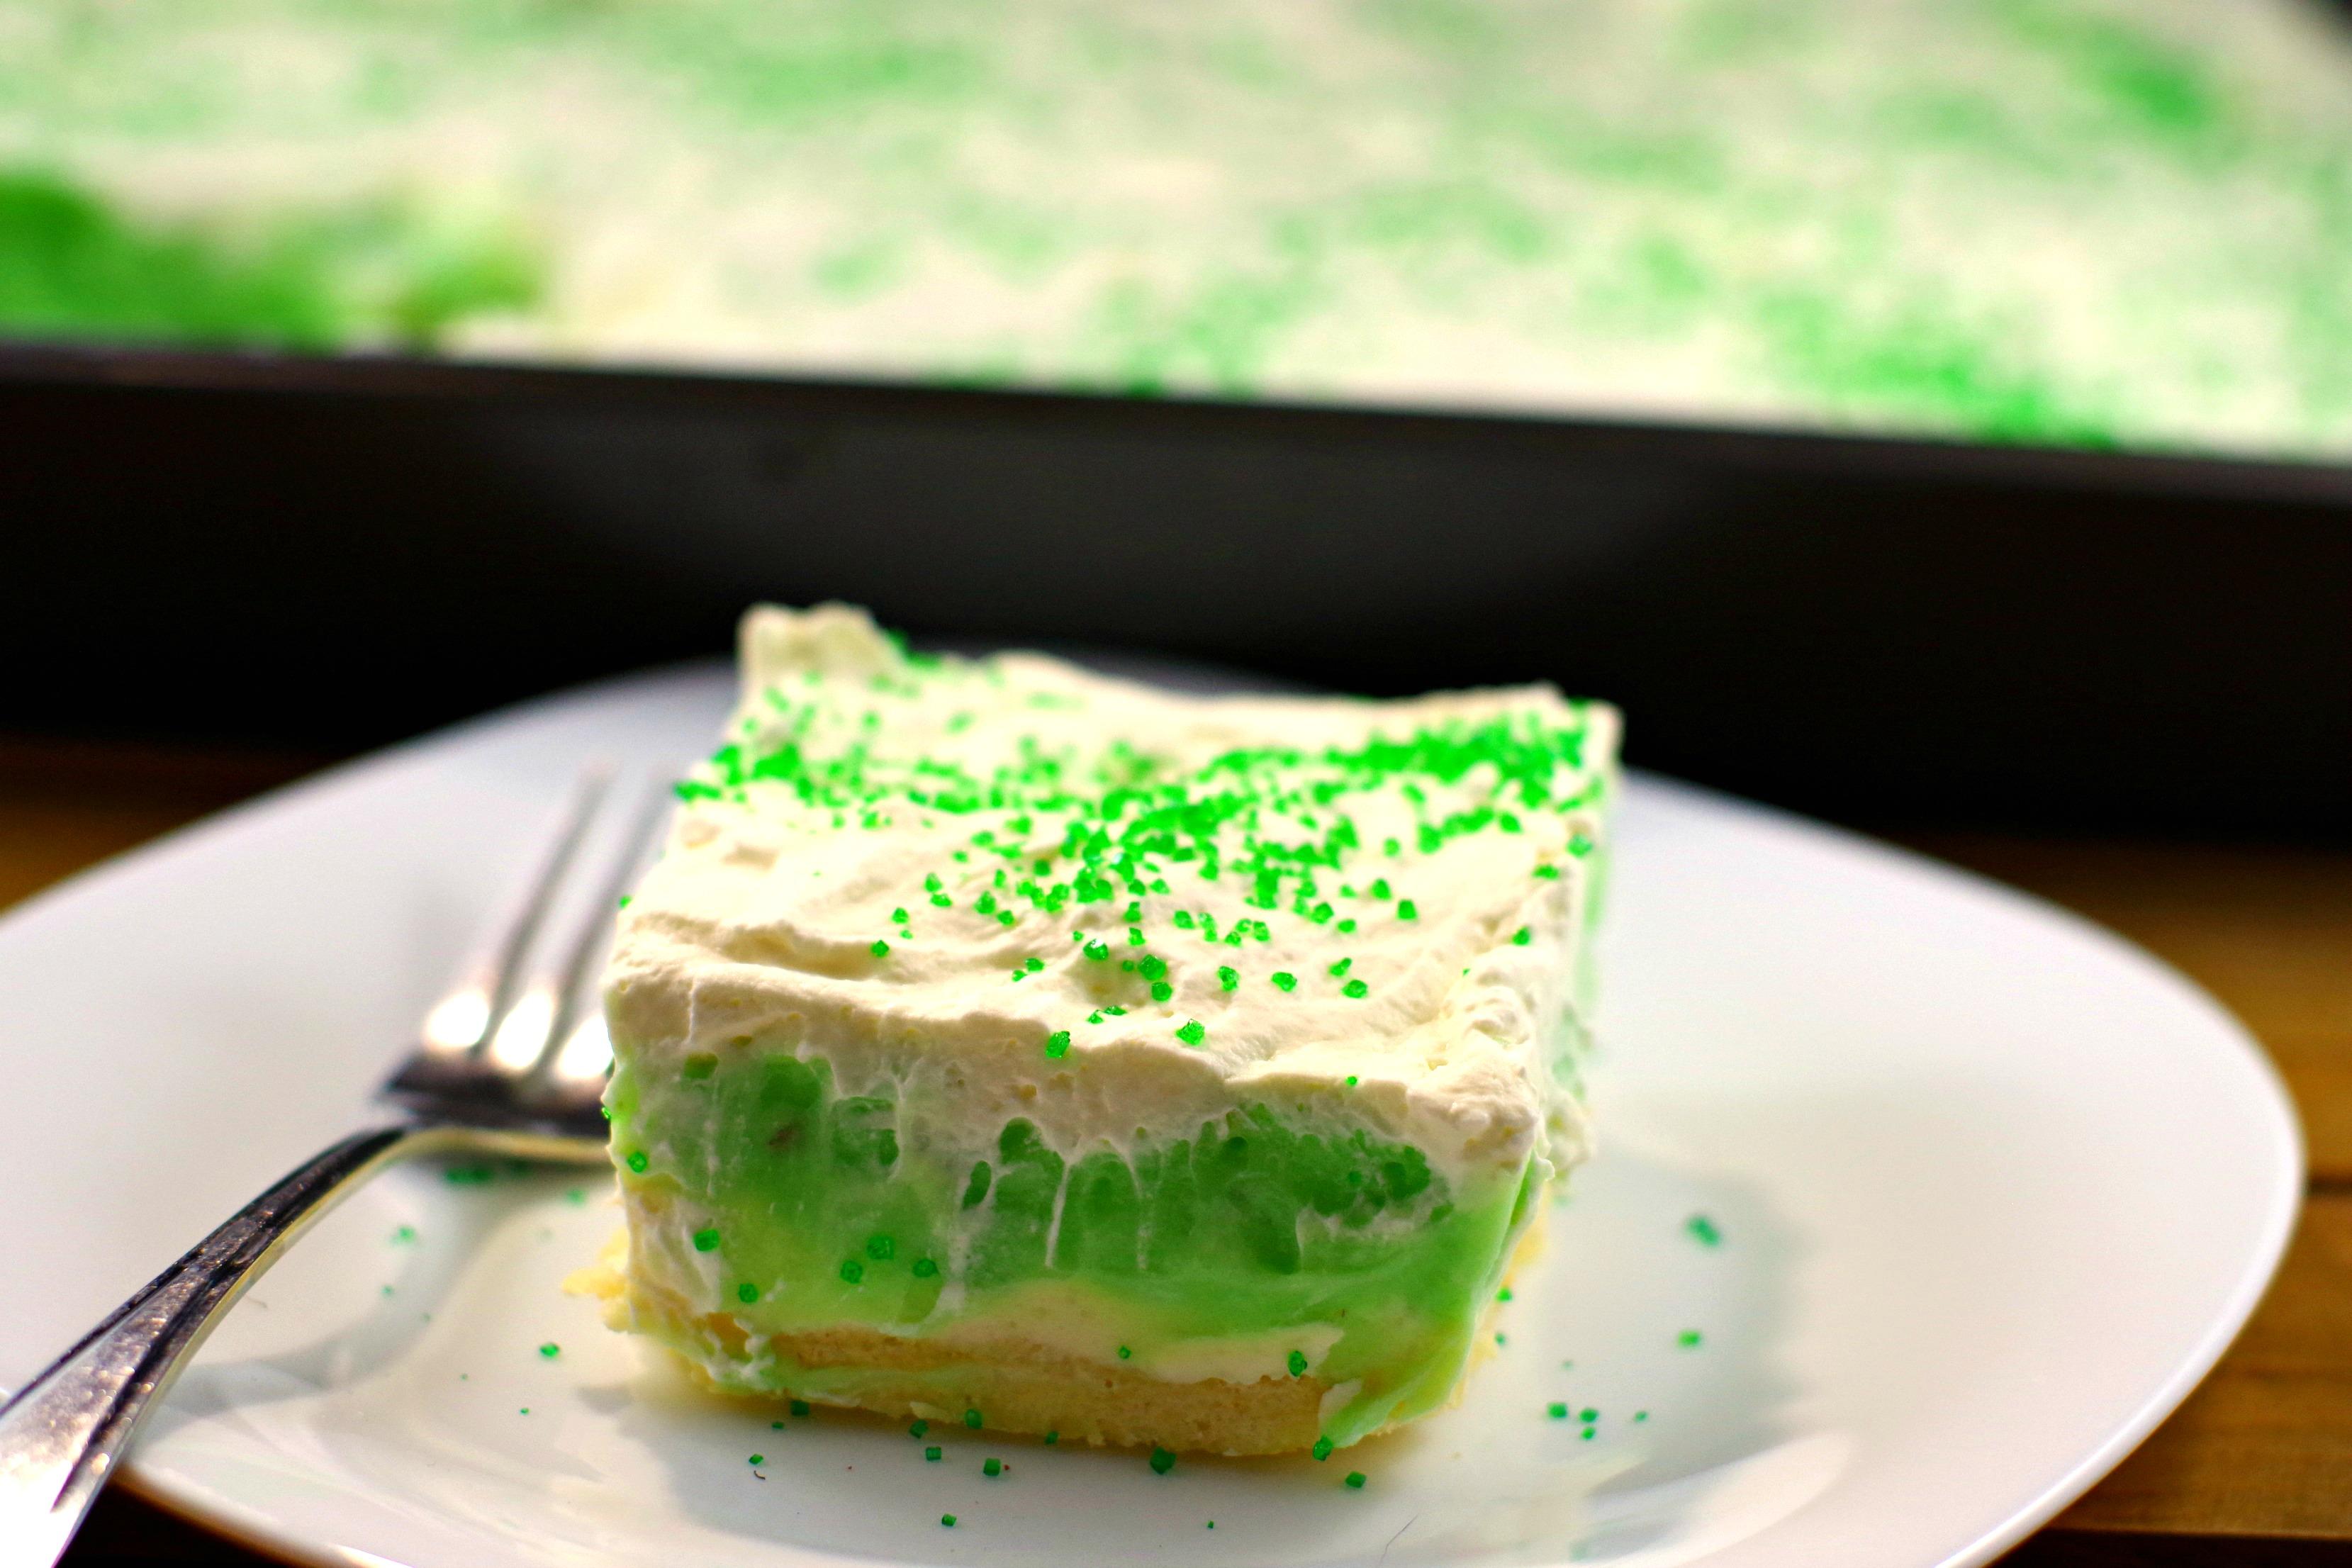 pistachio-dessert-recipe